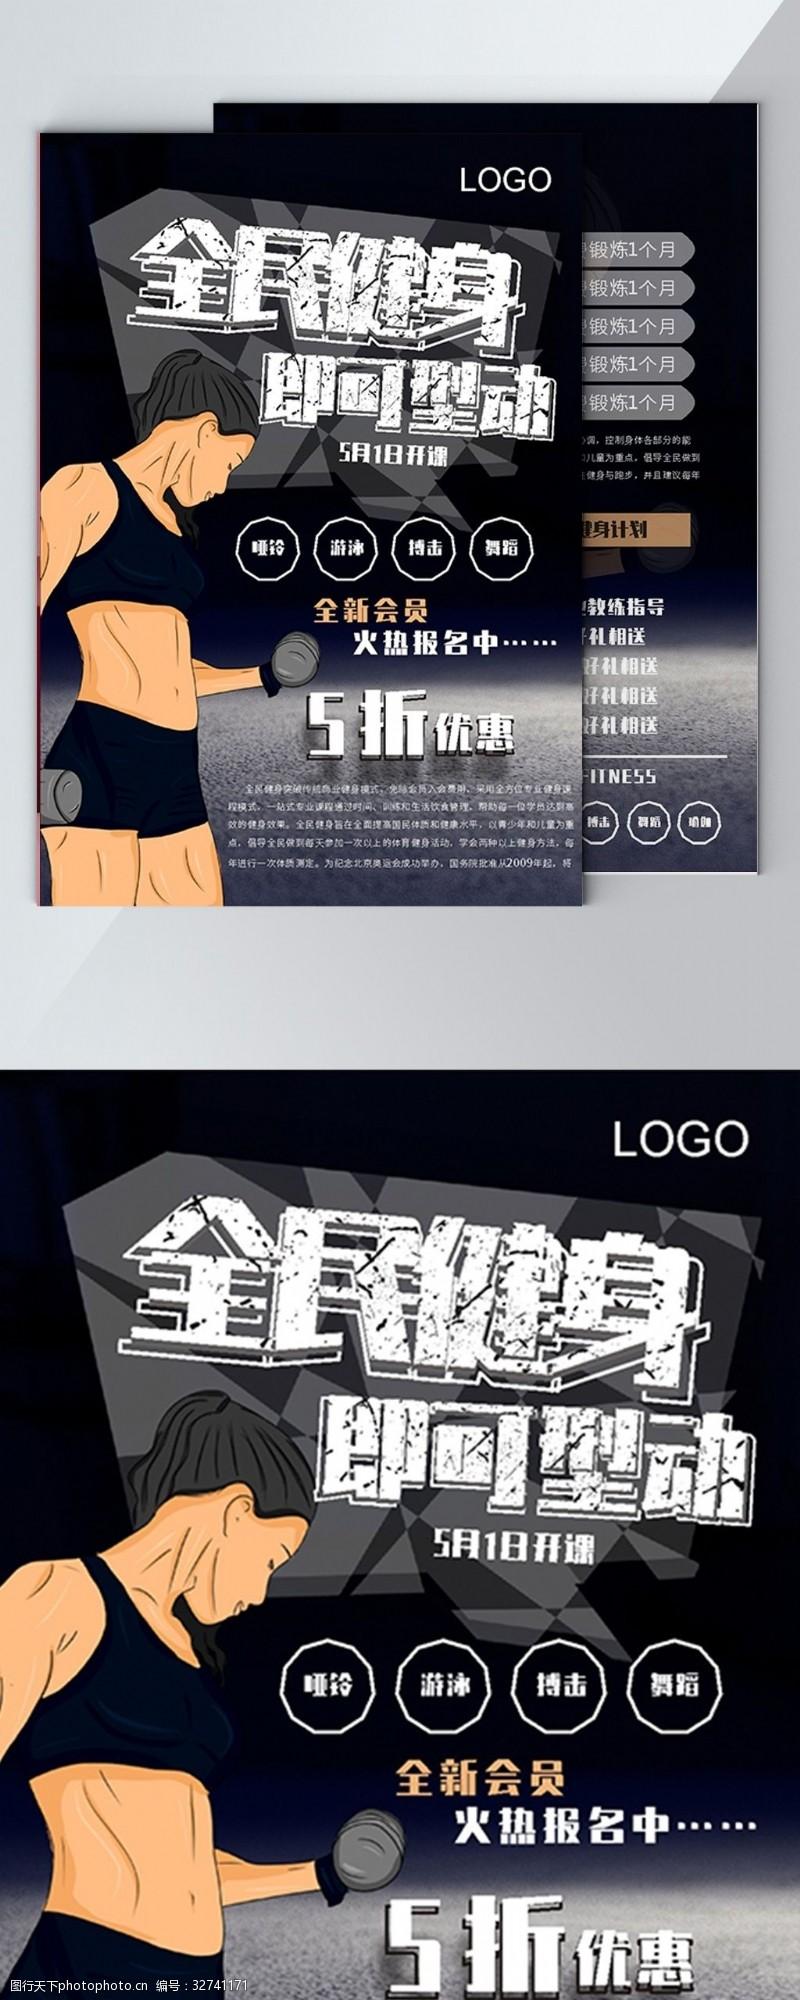 俱乐部宣传海报黑色高档健身俱乐部宣传页